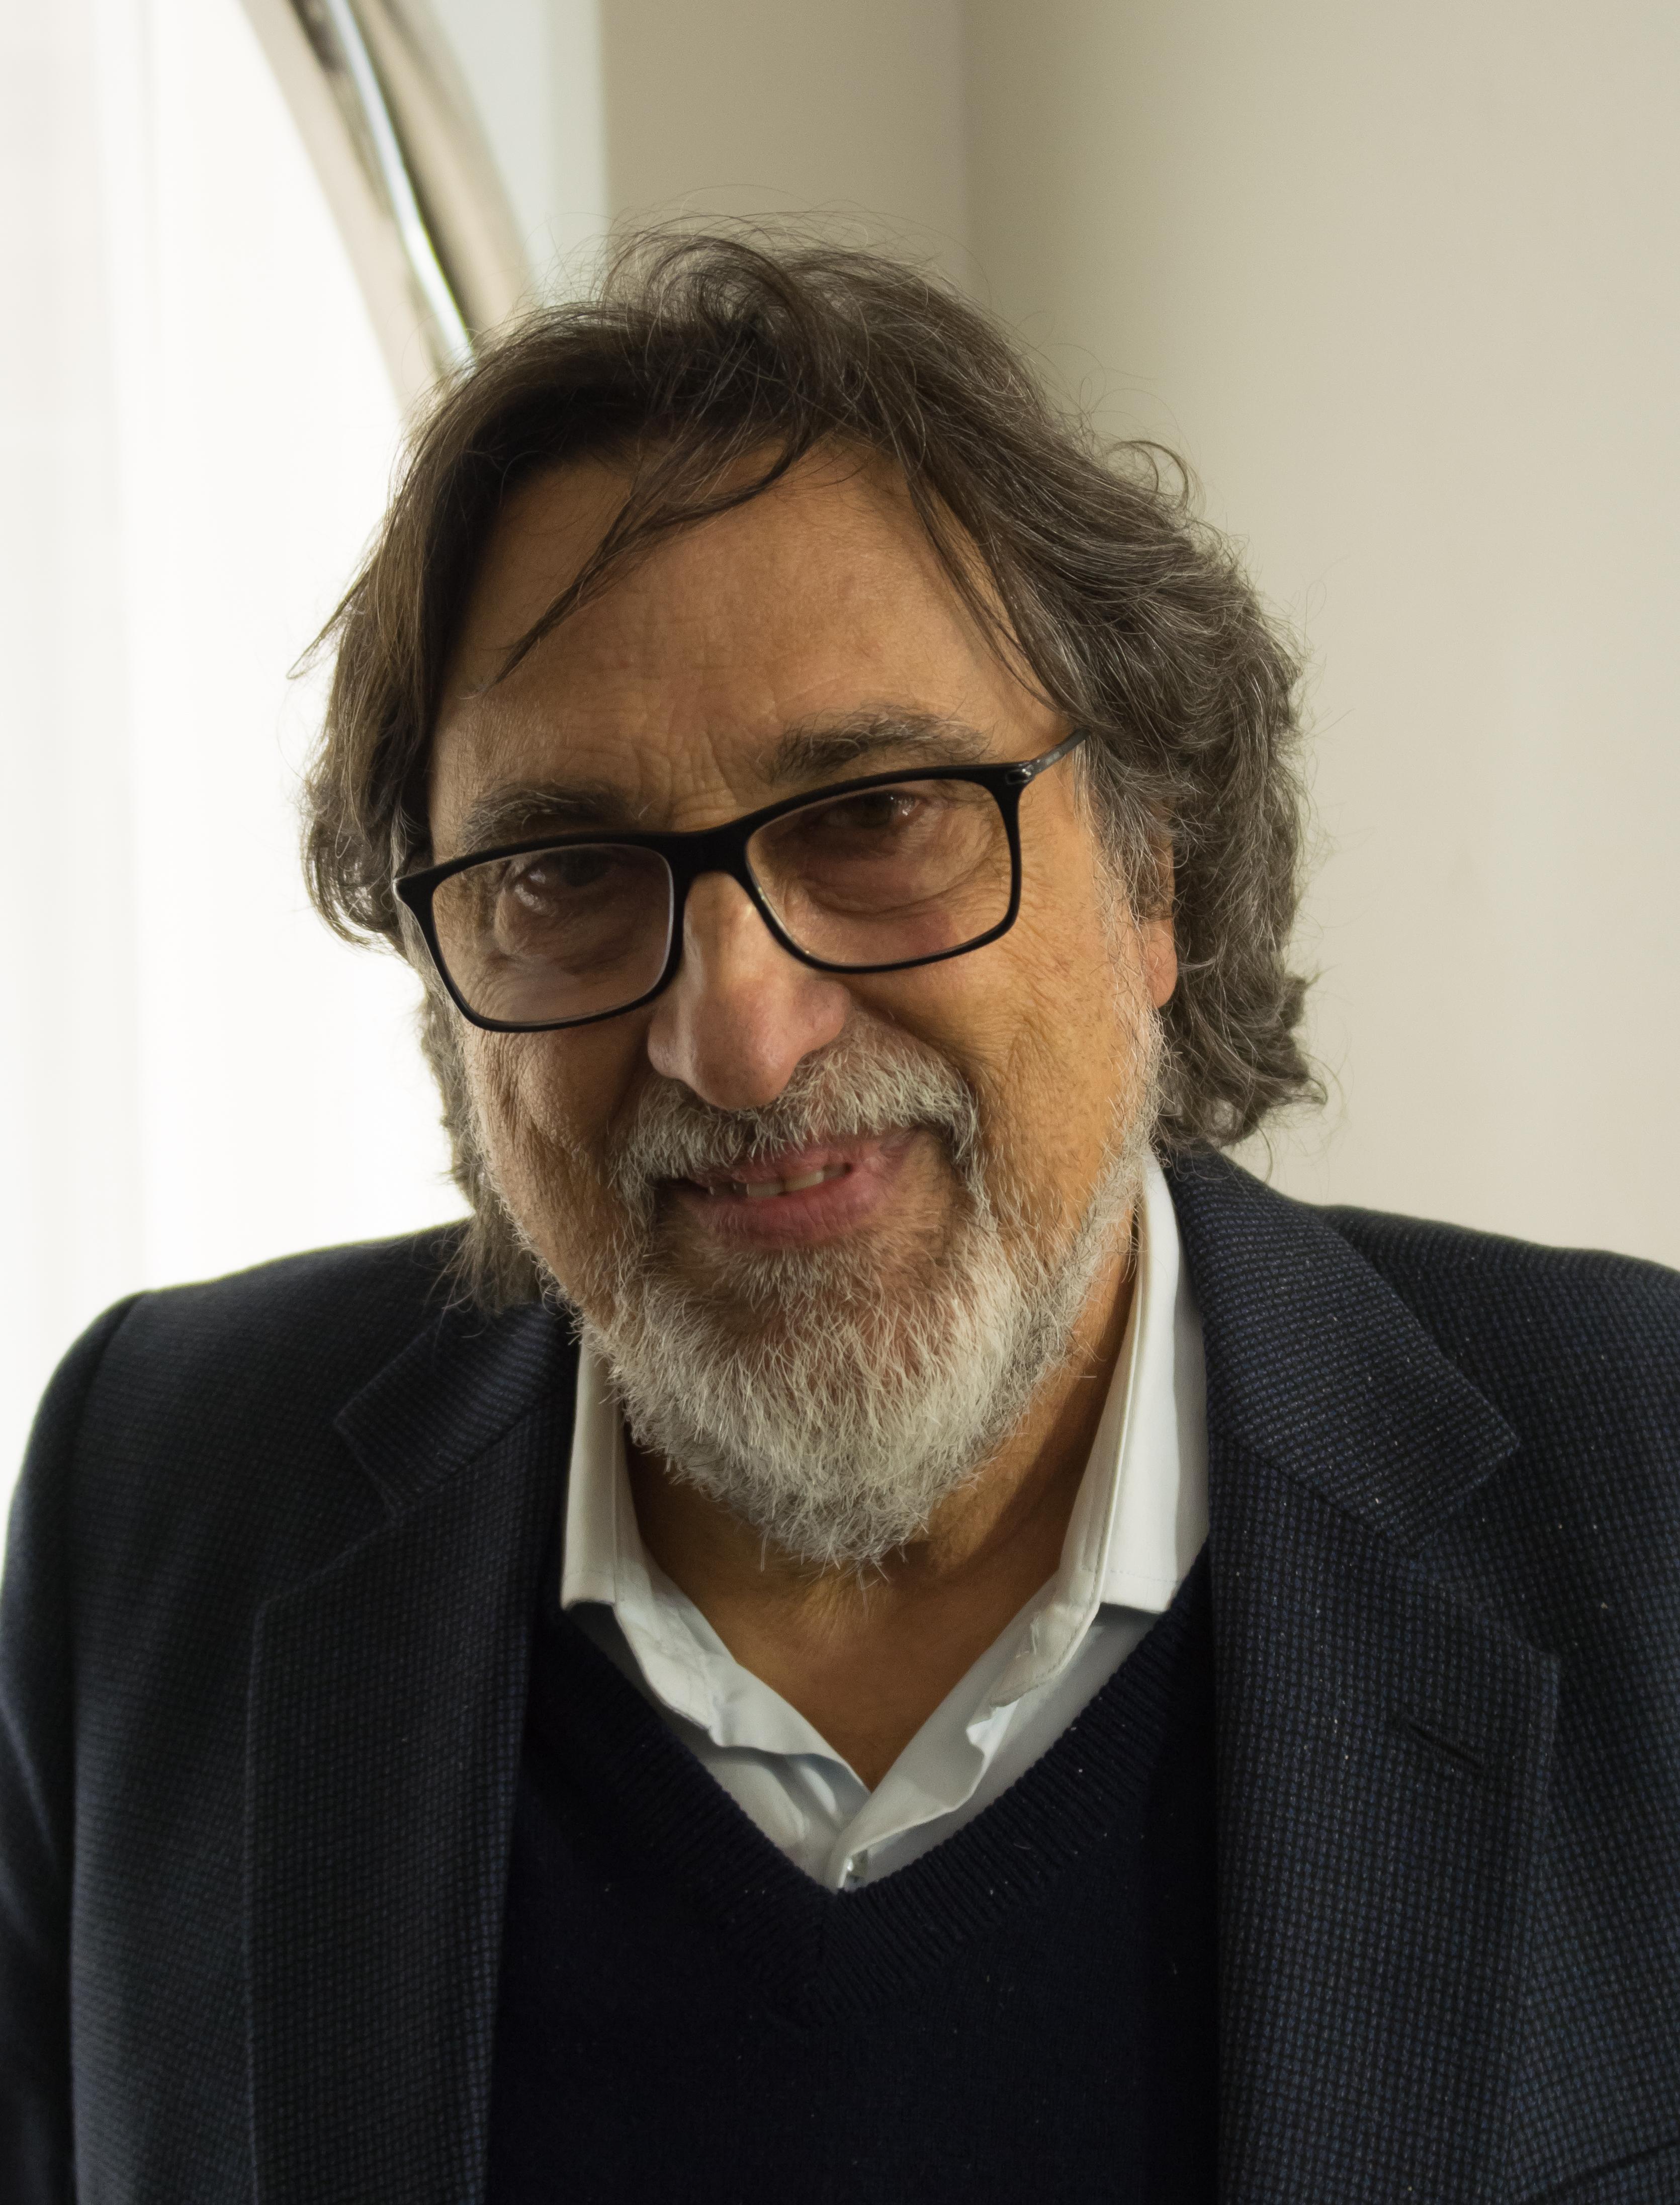 Image of Silvio Caiozzi from Wikidata